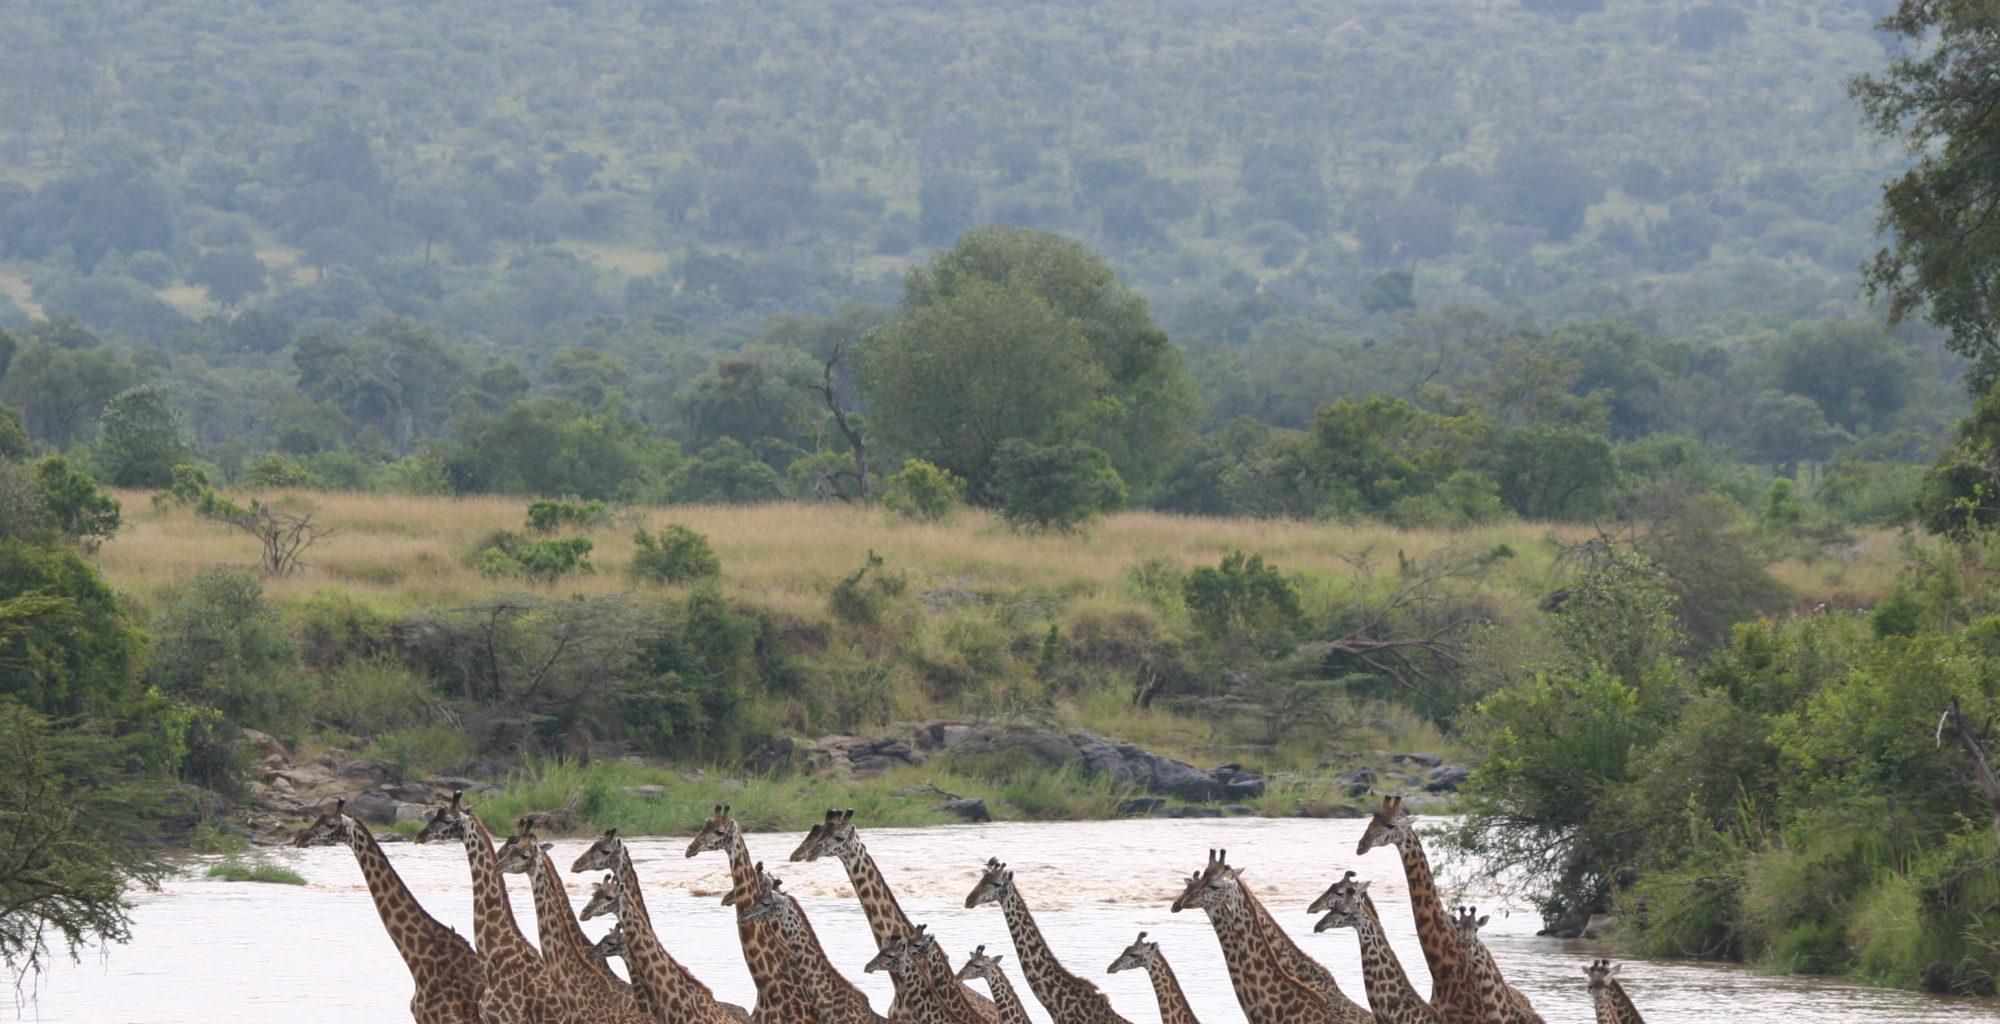 Richards-Camp-Giraffe